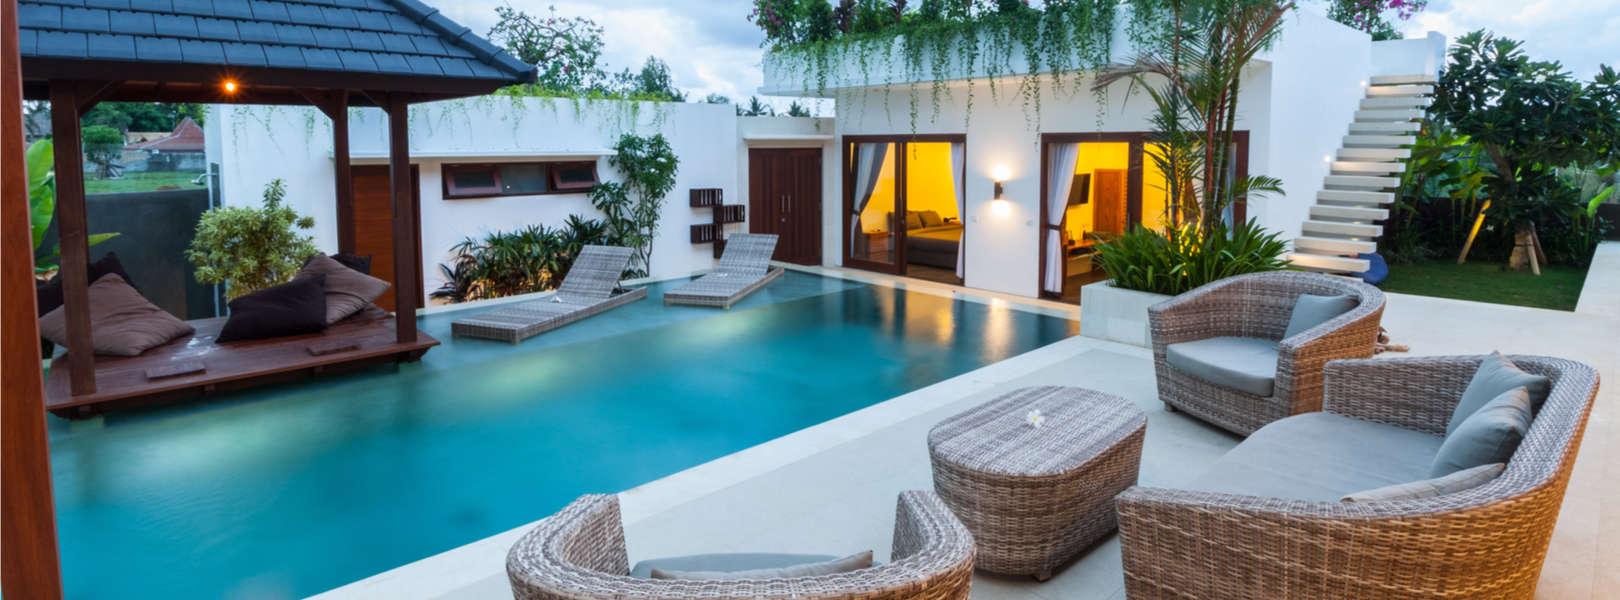 Blick auf eine moderne Ferienwohnung